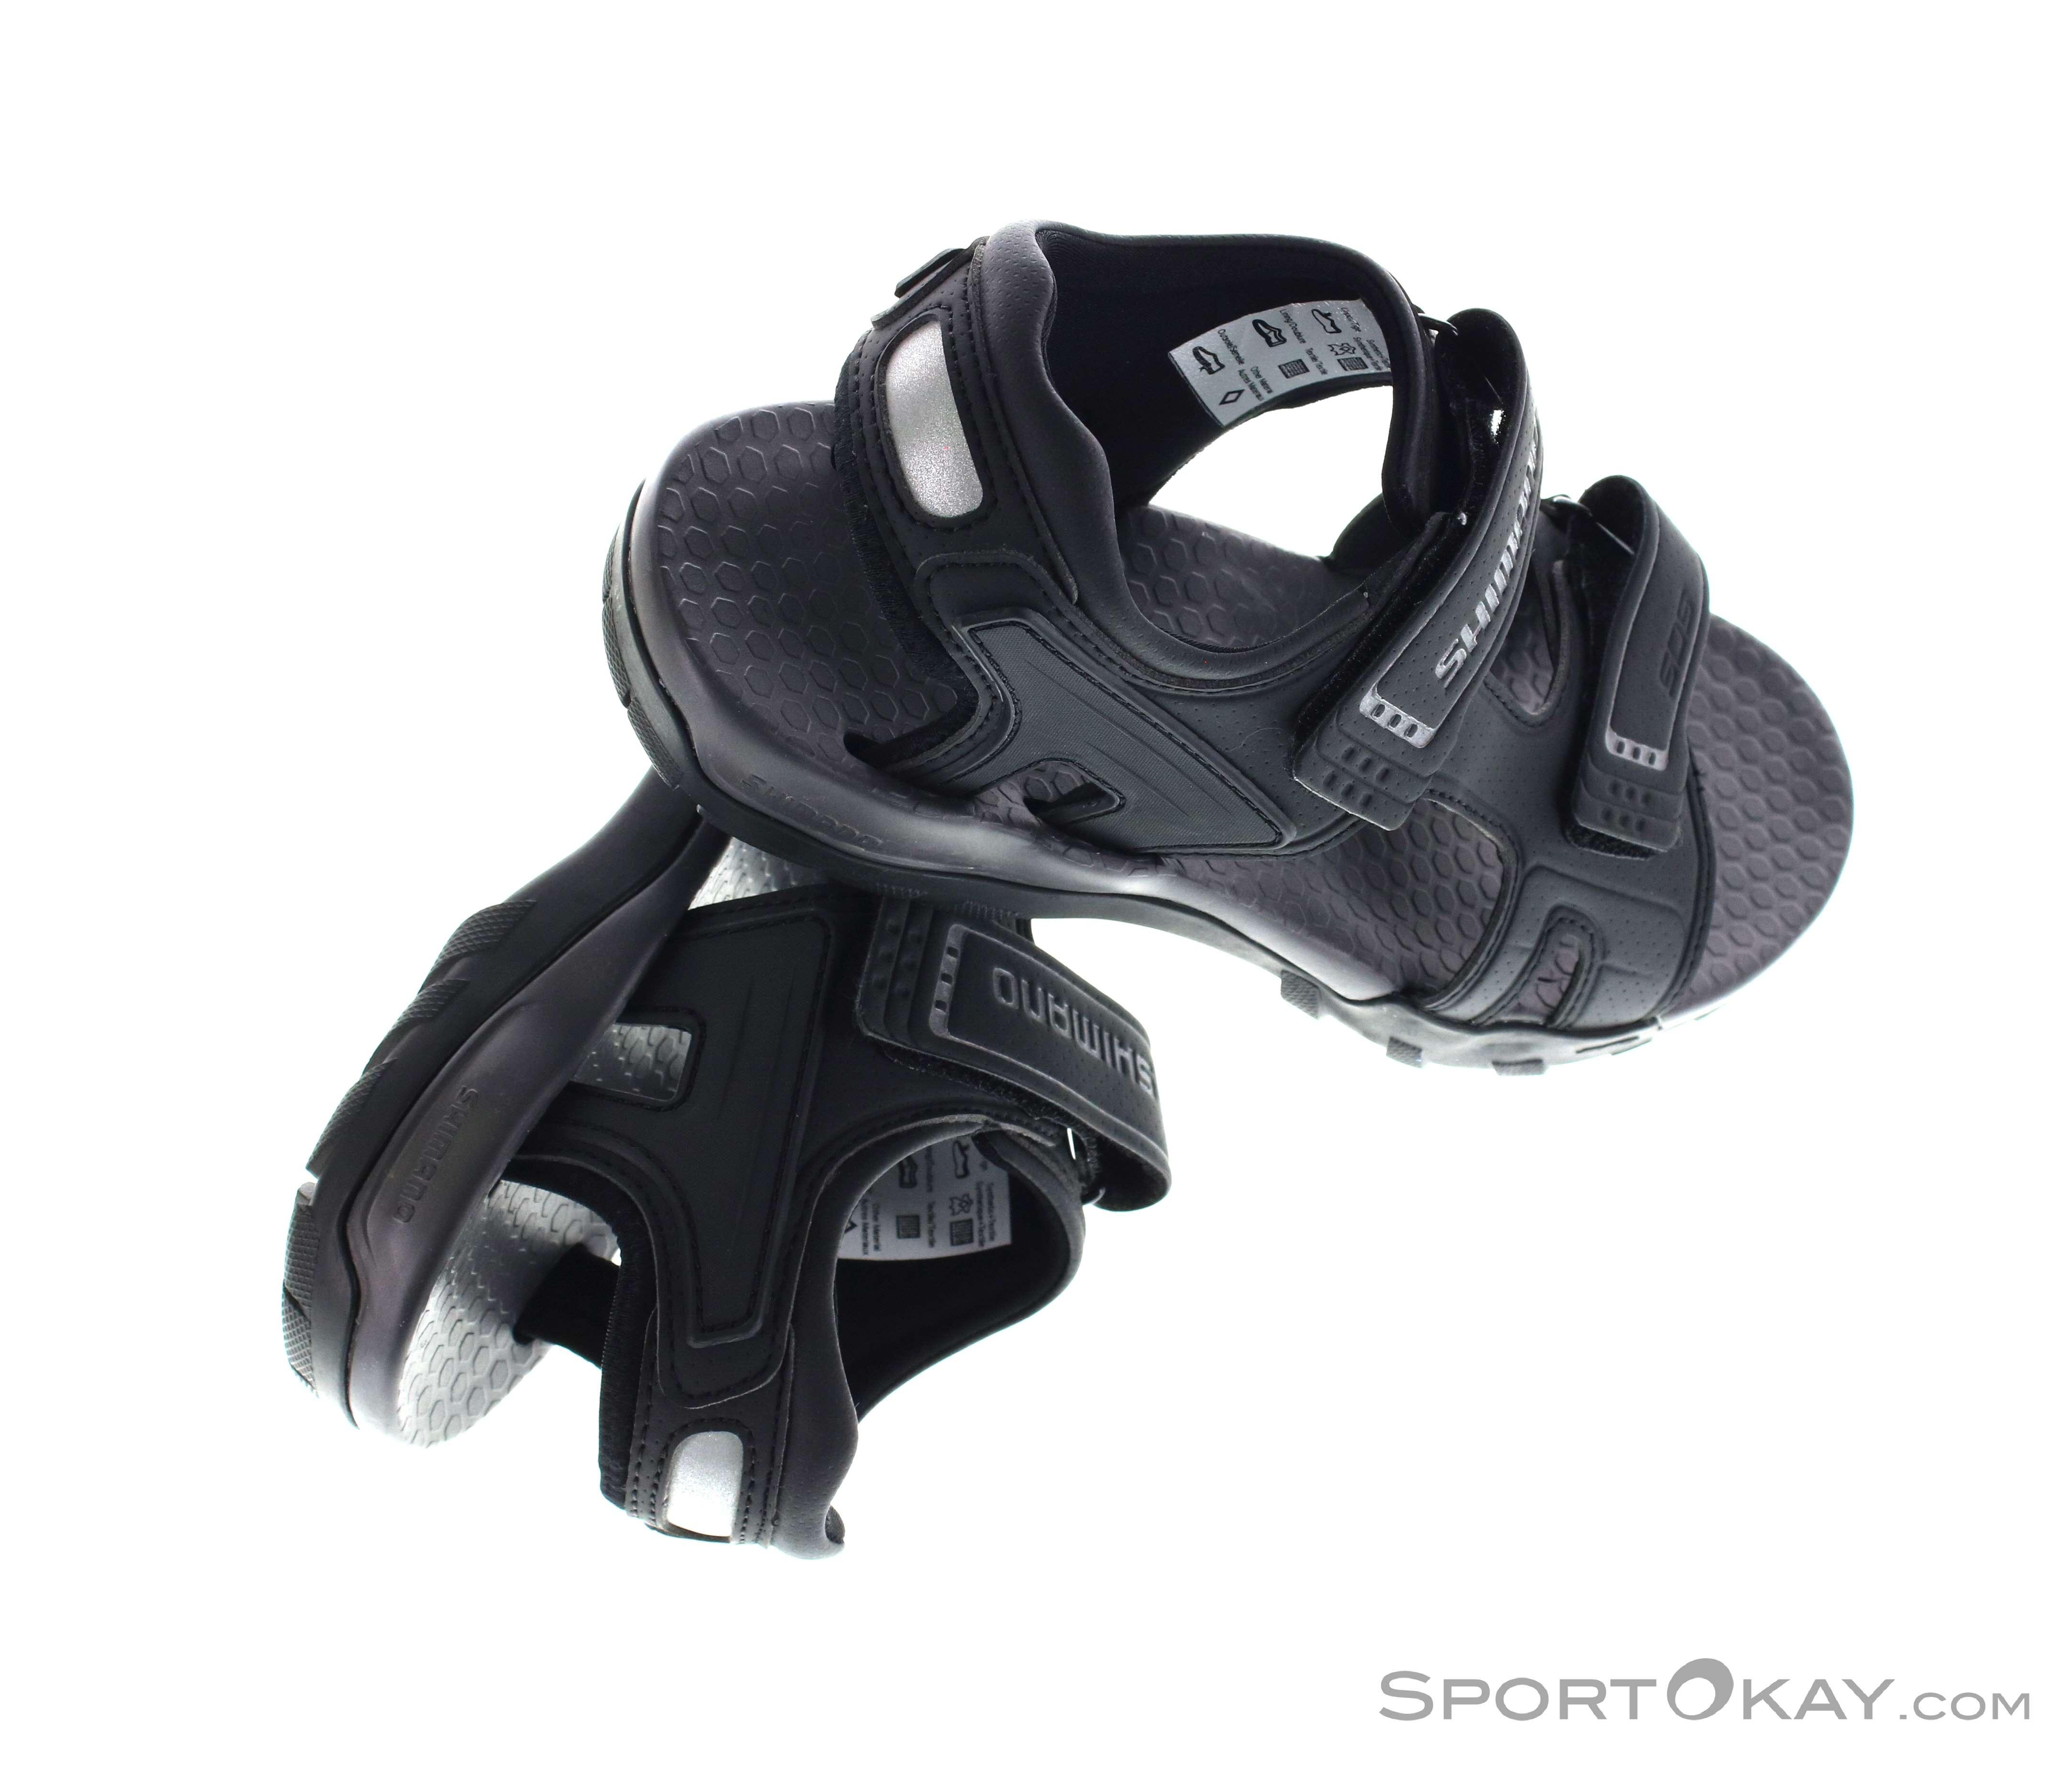 Tempo Sandali Per Da Il Uomo Sd5 Shimano Scarpe Bici Libero Sh PNnwkZ8OX0